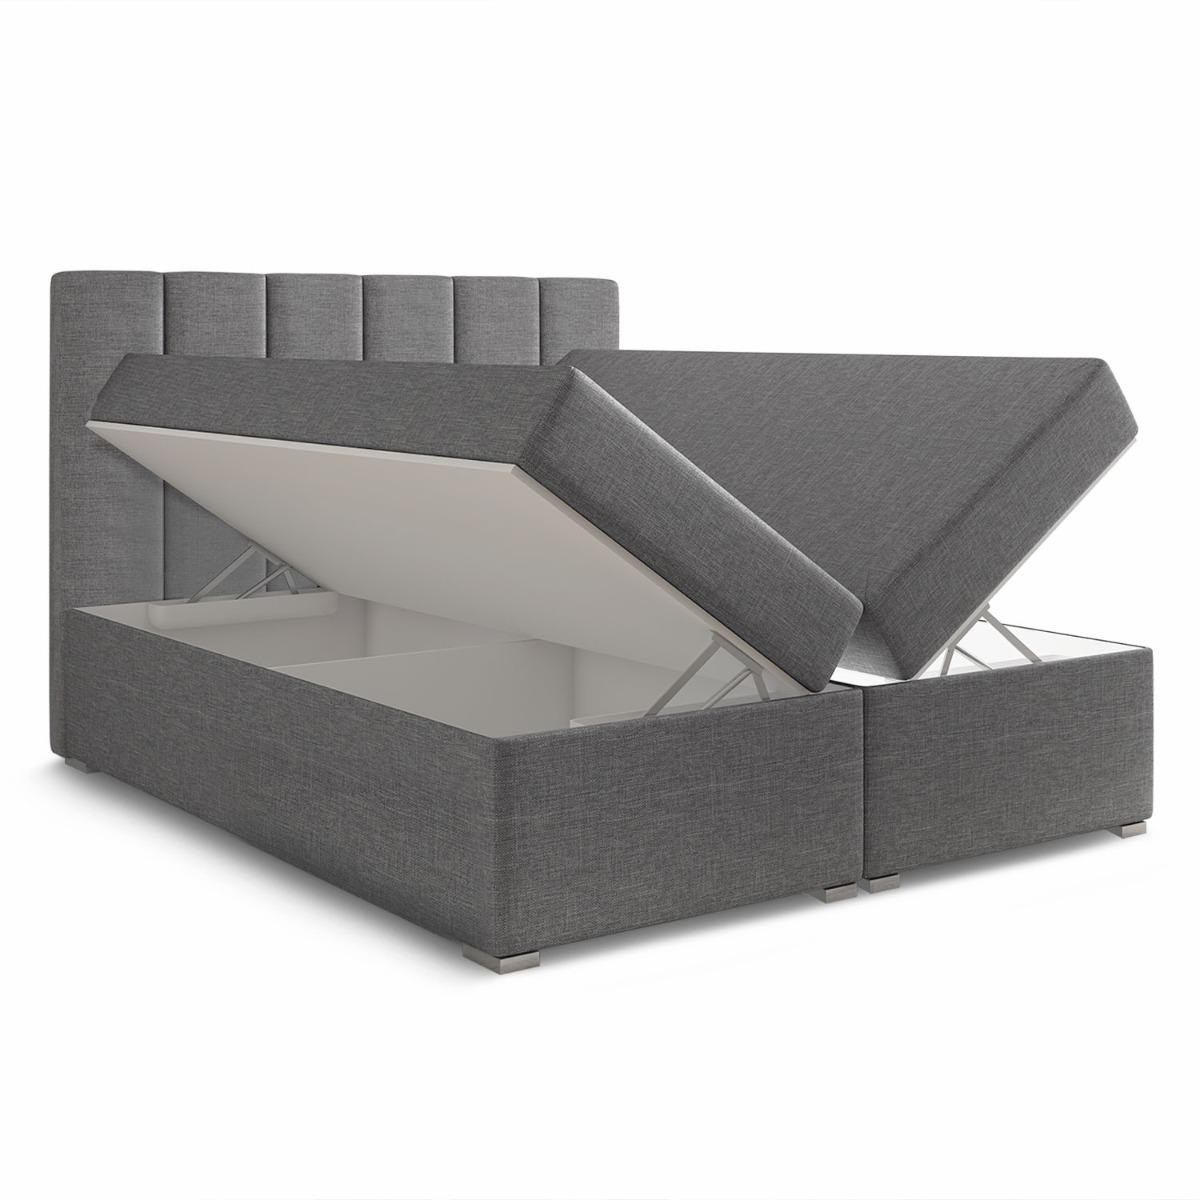 Letto Balero da 180 cm con materasso e coprimaterasso in tessuto grigio